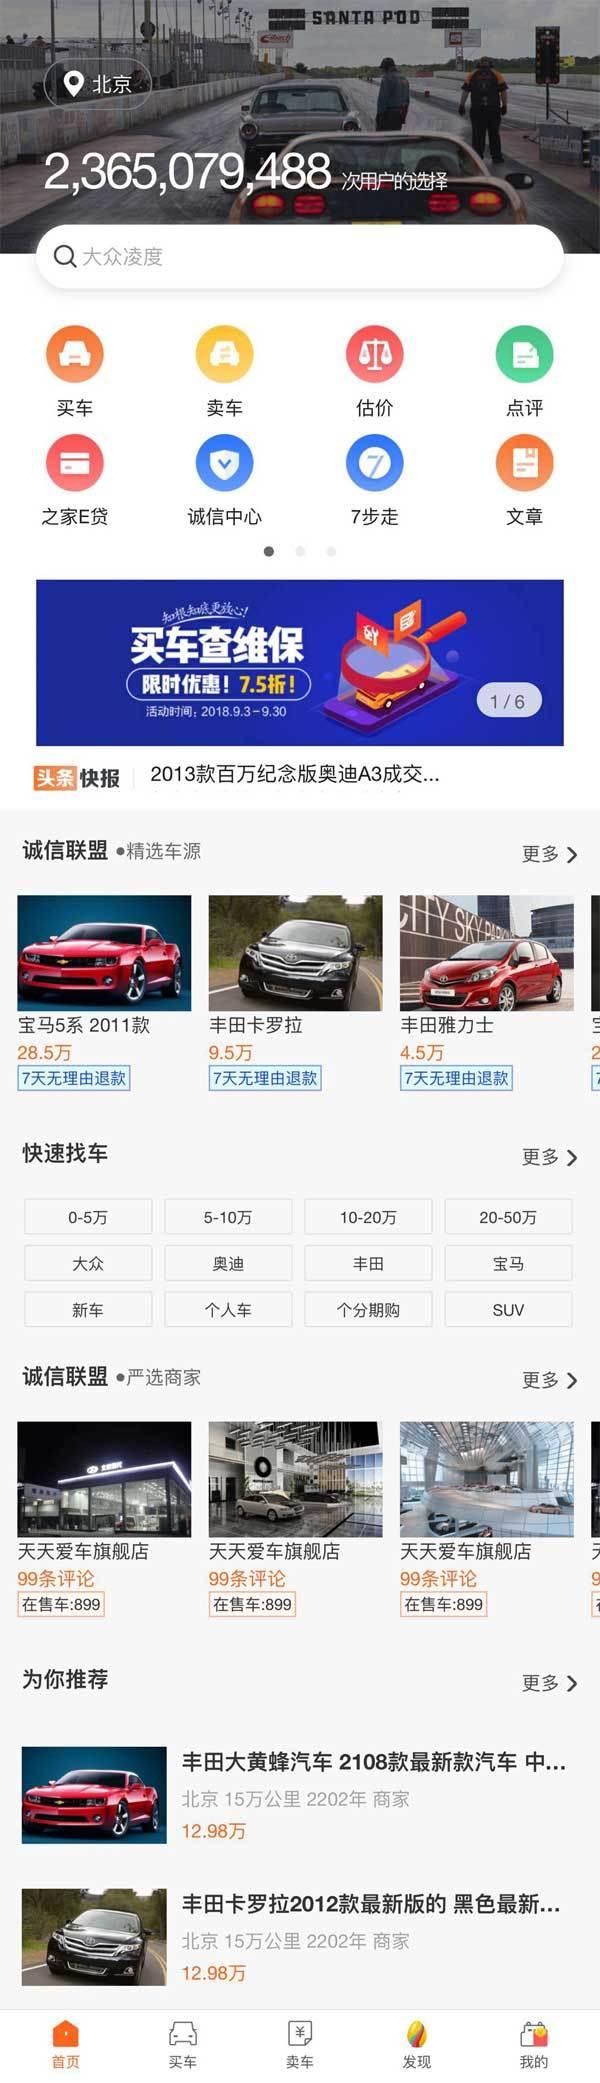 买卖二手车APP首页模板